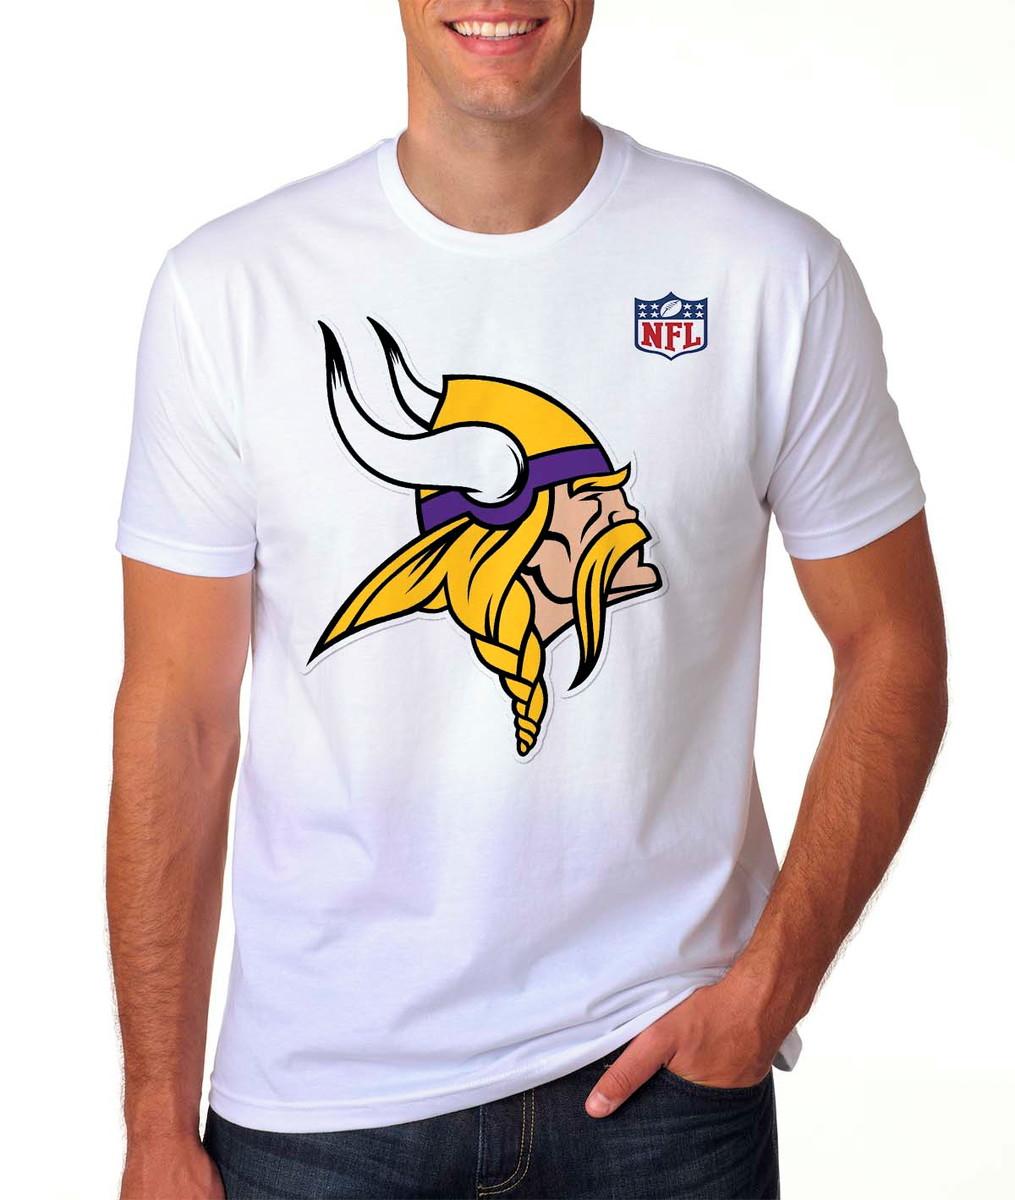 b5fb70f3125f1 Camiseta Minnesota Vikings NFL - A3 no Elo7